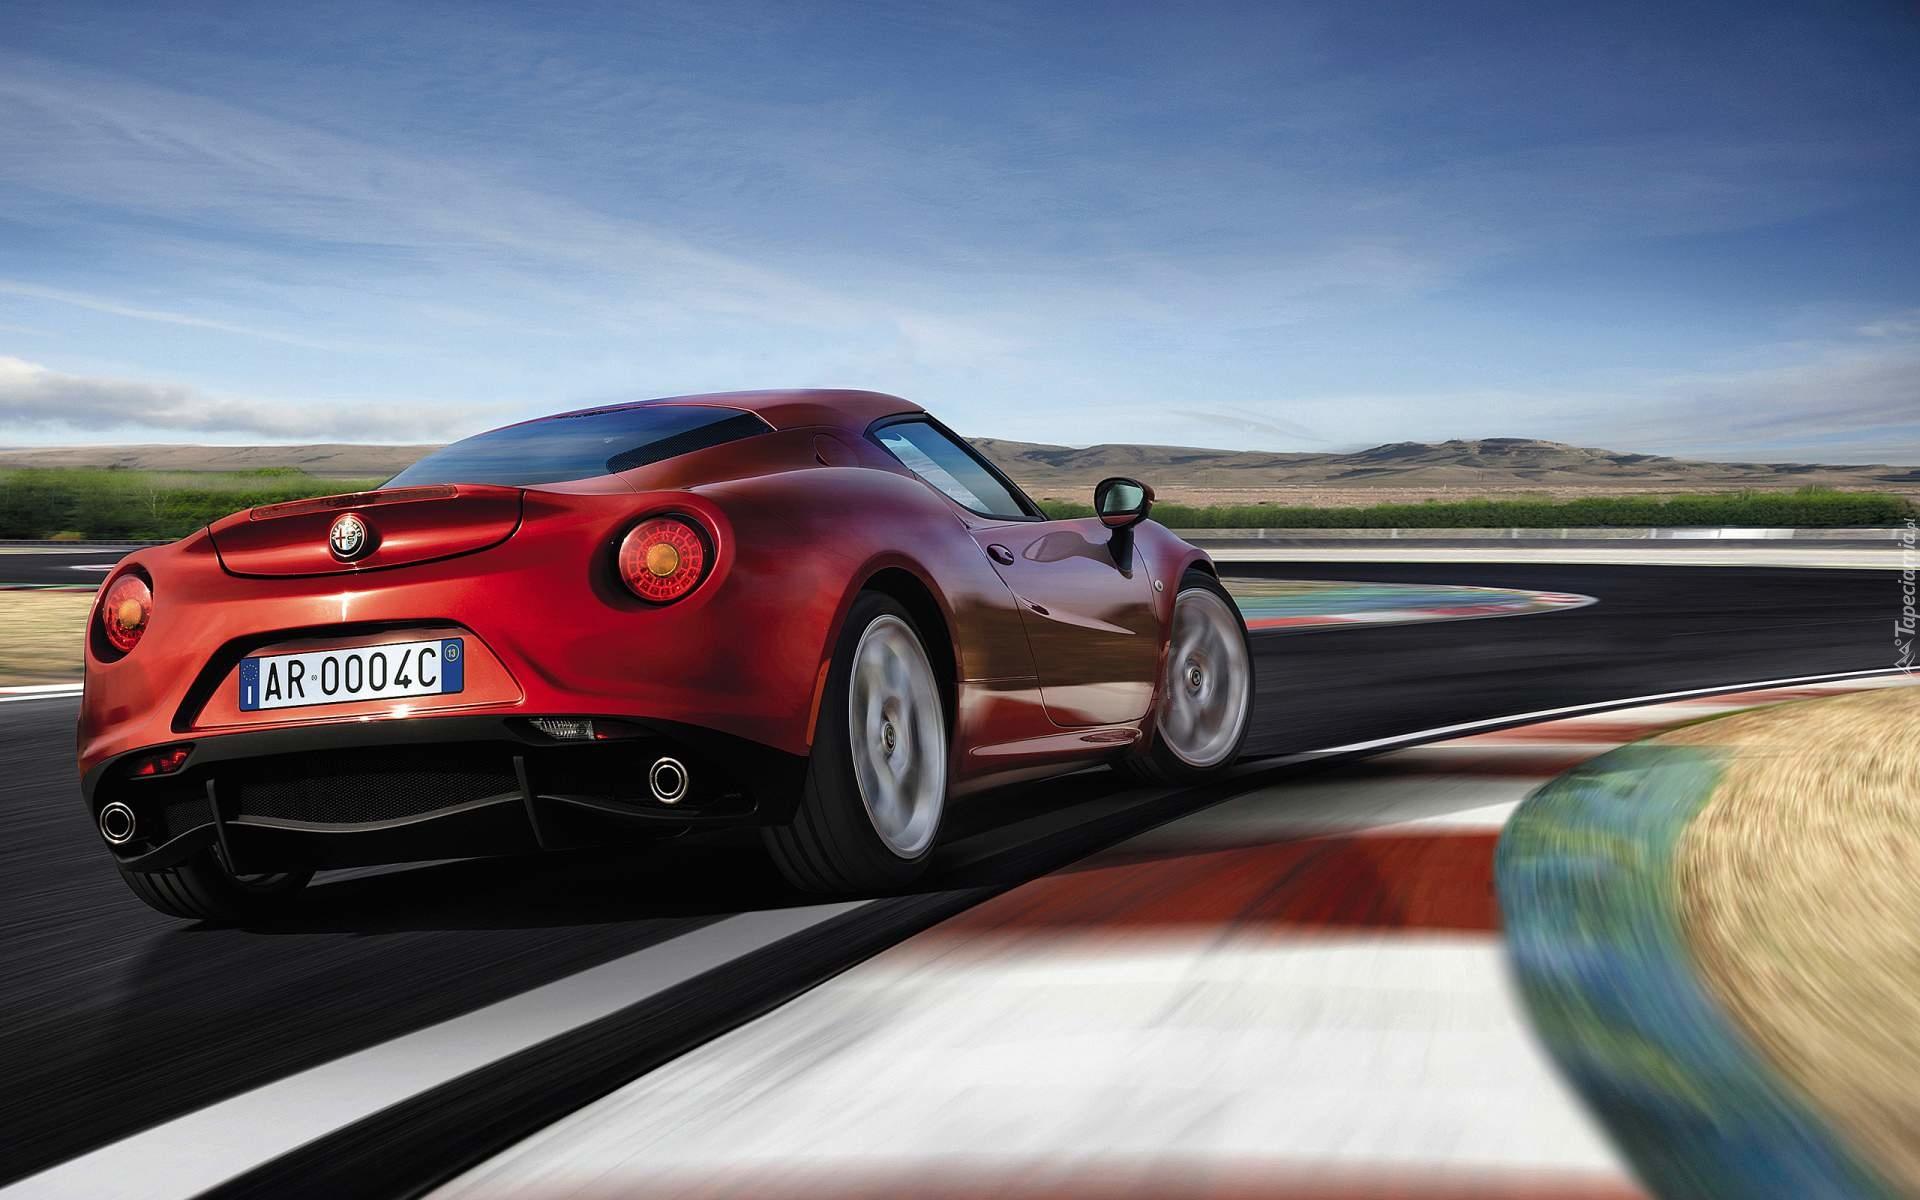 Sportowy samoch³d Alfa Romeo 4C rocznik 2014